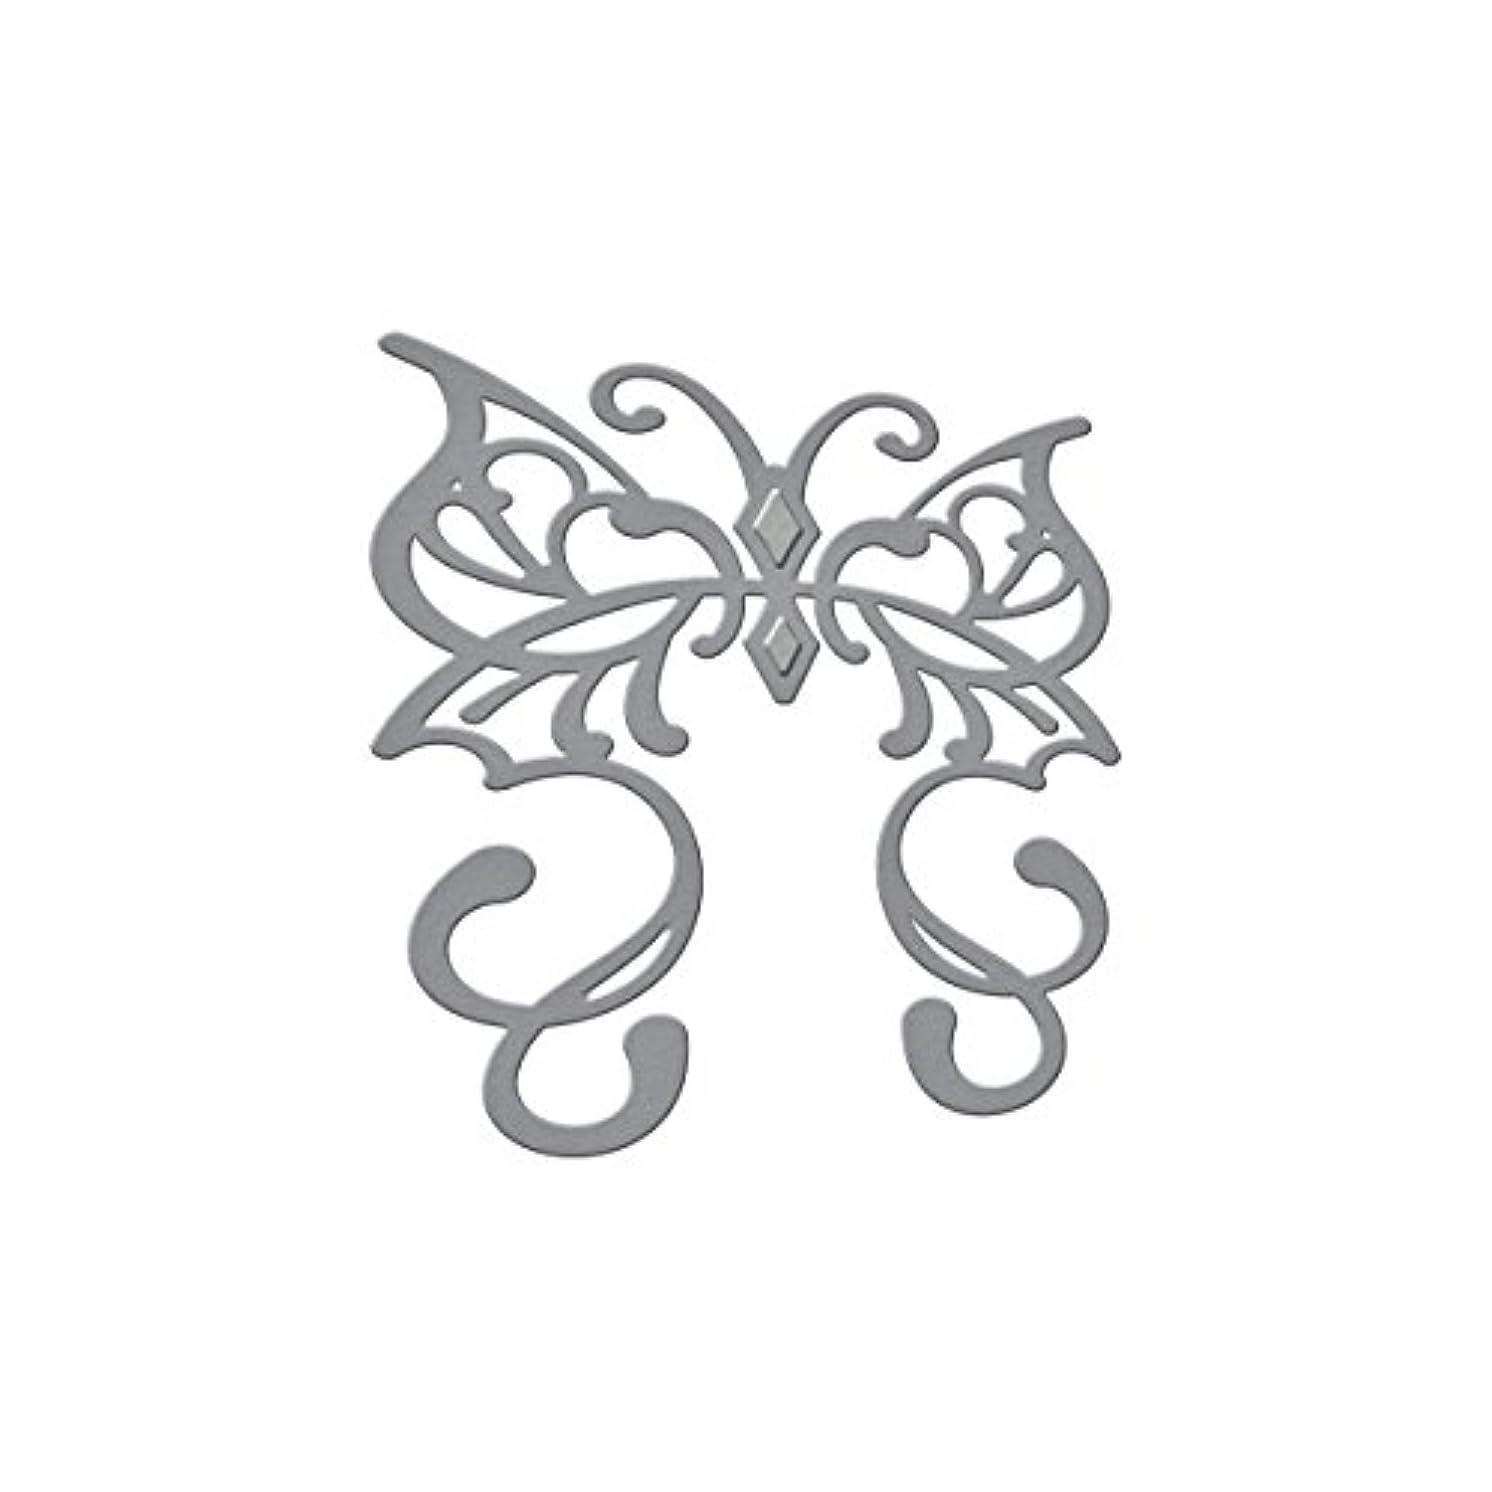 Spellbinders Die D-Lites Butterfly Rebel Rose Etched/Wafer Thin Dies